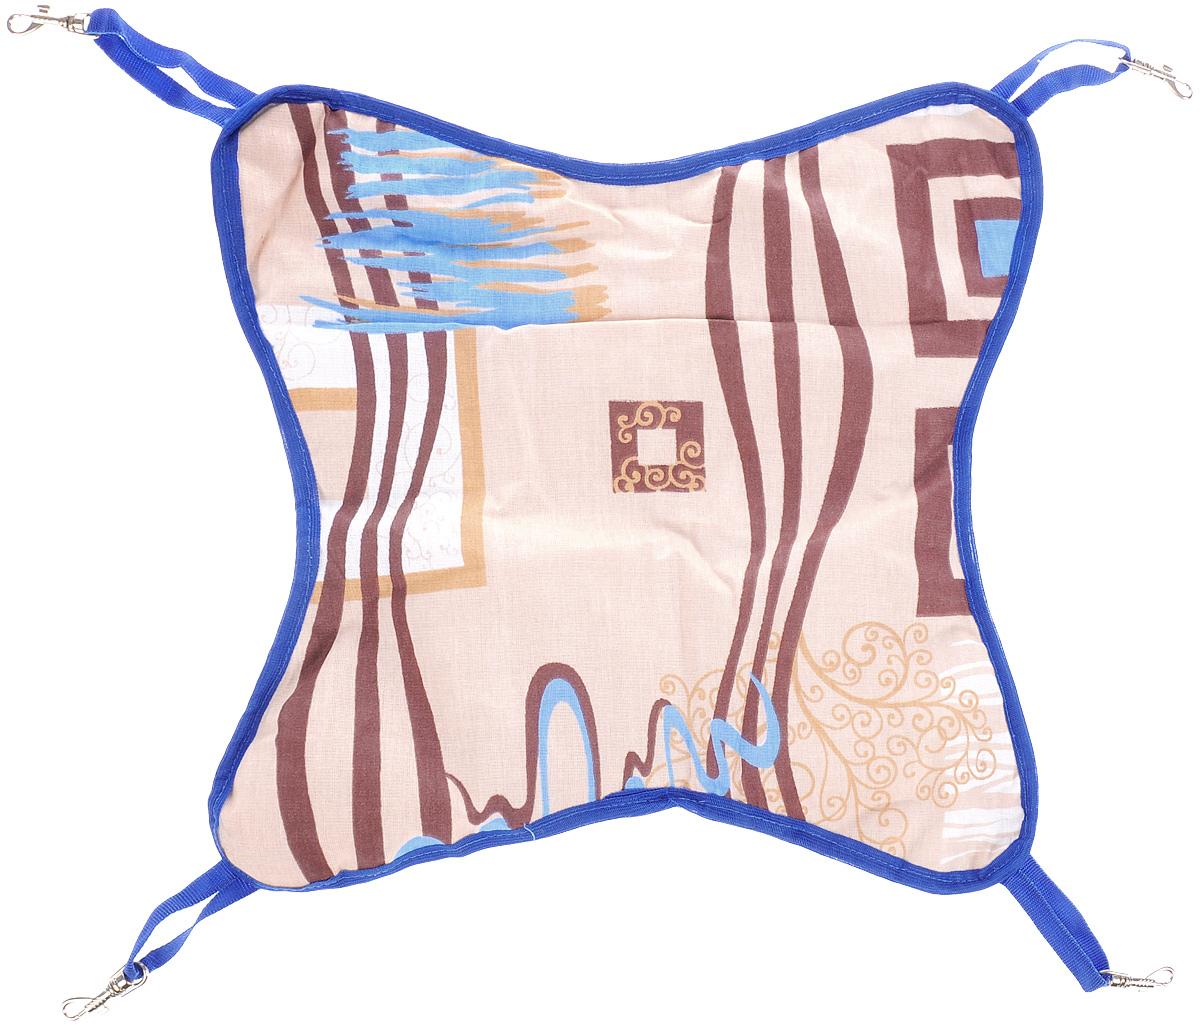 Гамак для шиншилл и хорьков ЗооМарк, подвесной, цвет: бежевый, коричневый, синий. Д-11Д-11_бежевый, коричневый, синийГамак ЗооМарк станет лучшим подарком для вашего любимца.Гамак выполнен из высококачественных материалов и оснащен 4 специальными креплениями на карабинах. Мягкий подвесной гамак ЗооМарк надолго привлечет внимание животного и обеспечит интересным времяпровождением. Размеры изделия: 40 х 40 см. Длина крепления (без учета карабина): 9 см.